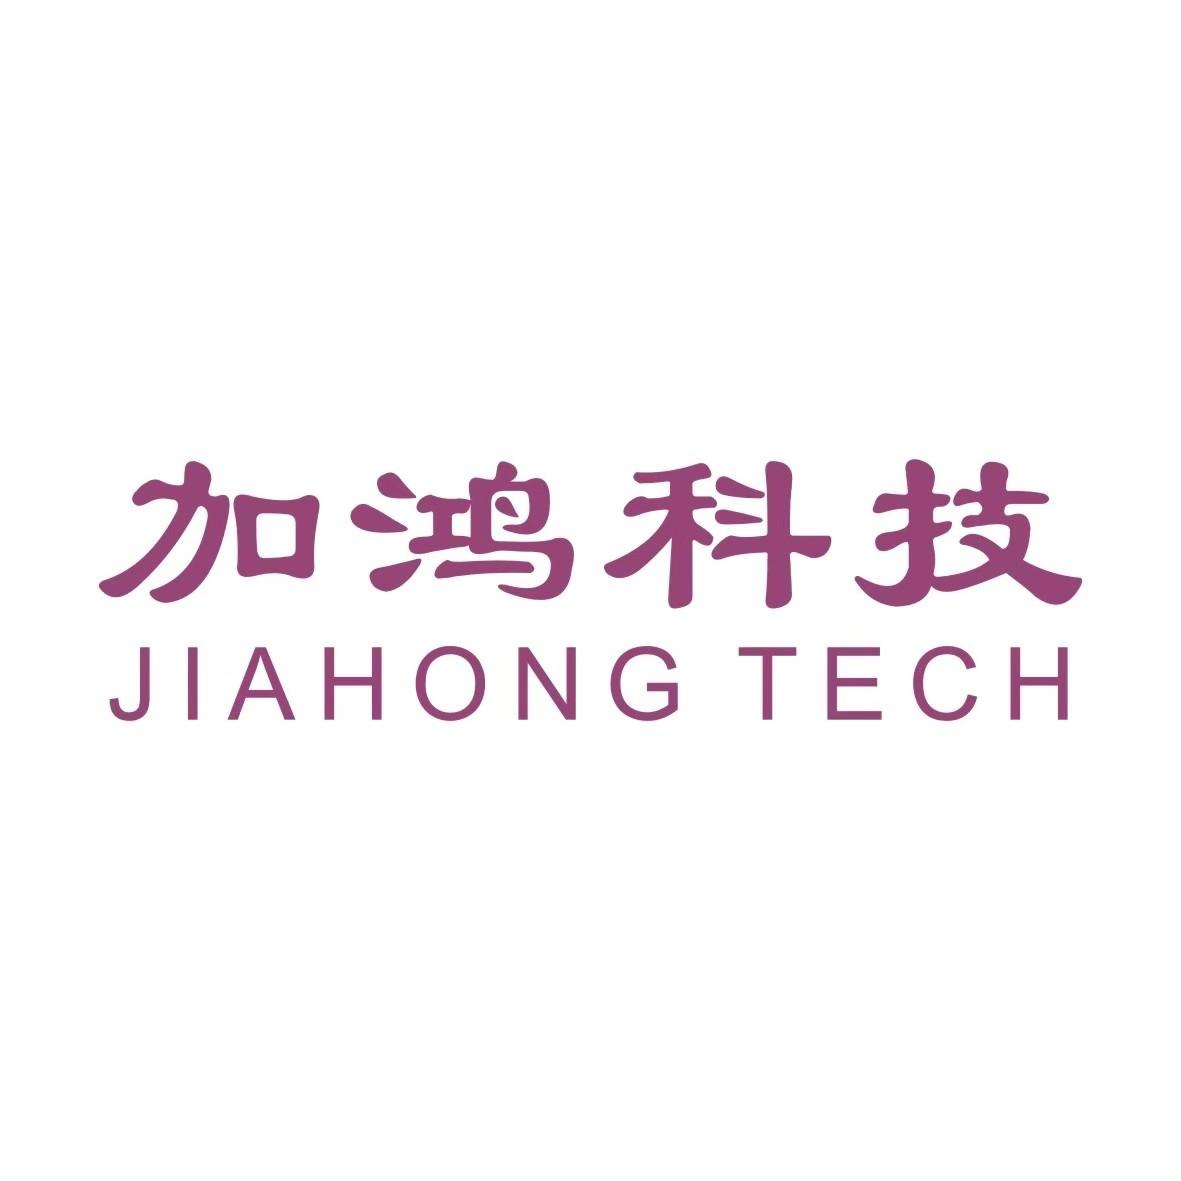 上海加鸿材料科技有限公司